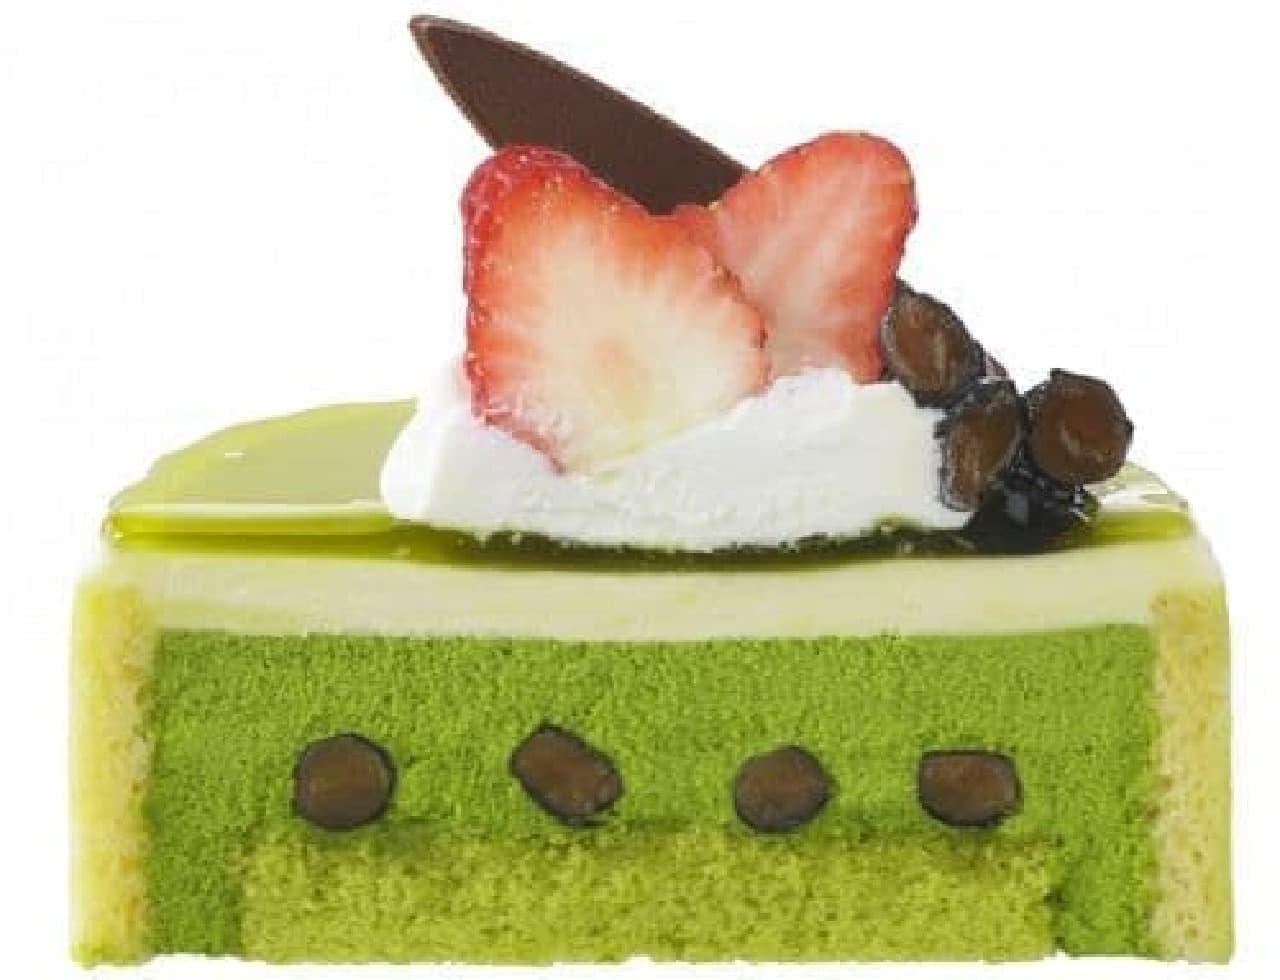 銀座コージーコーナー「抹茶と和三盆のケーキ(3.5号)」